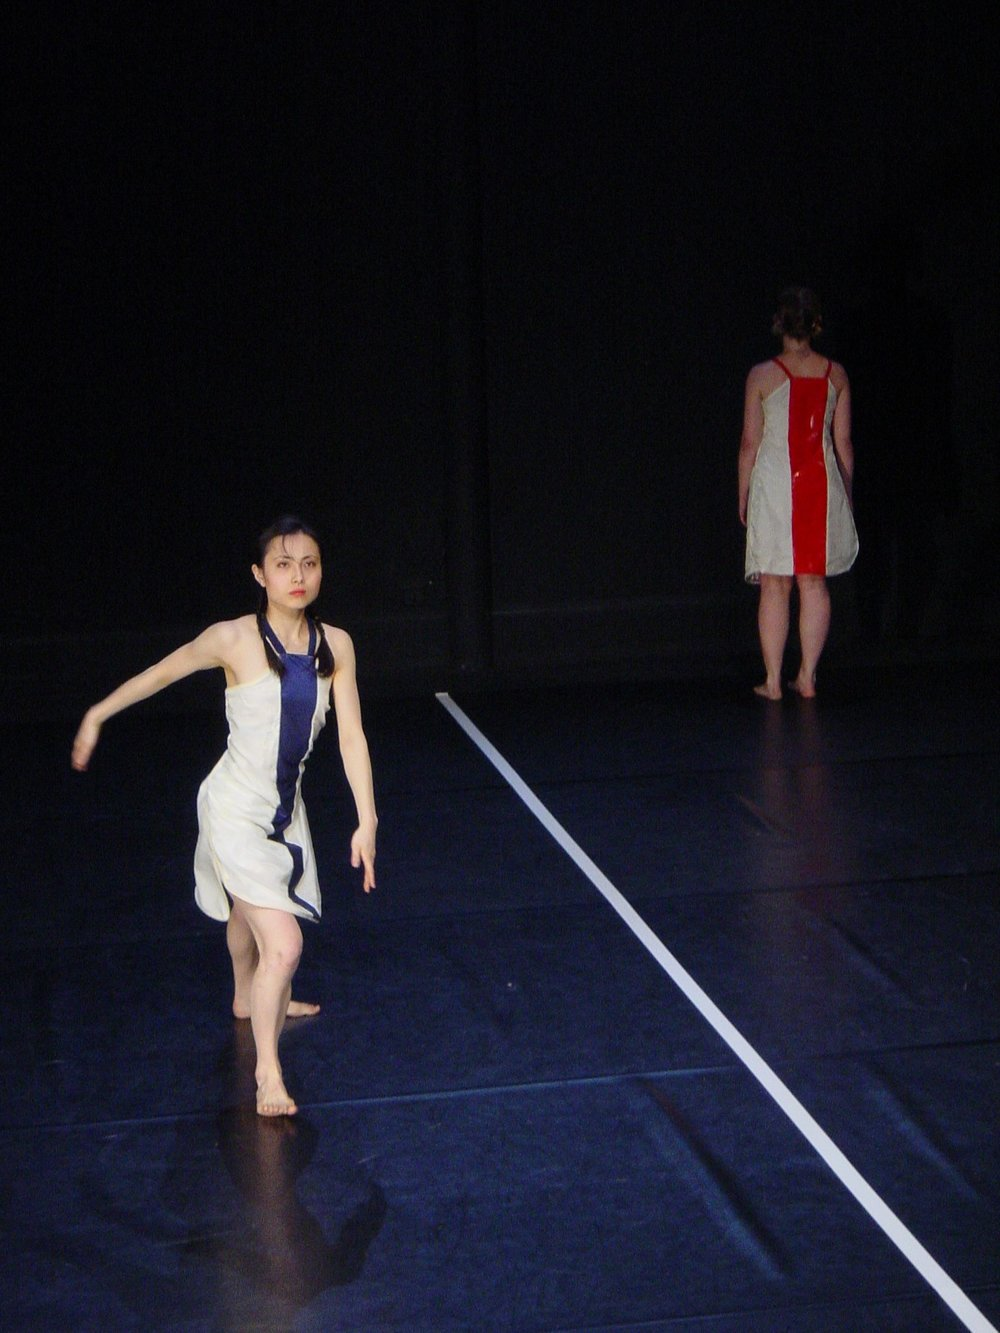 Festival Univ'Art'Cité , Théâtre Gérard Philipe, Saint-Denis, France (2002). Work:   Reflect .  Dancers: Christina Towle & Masayo Amae